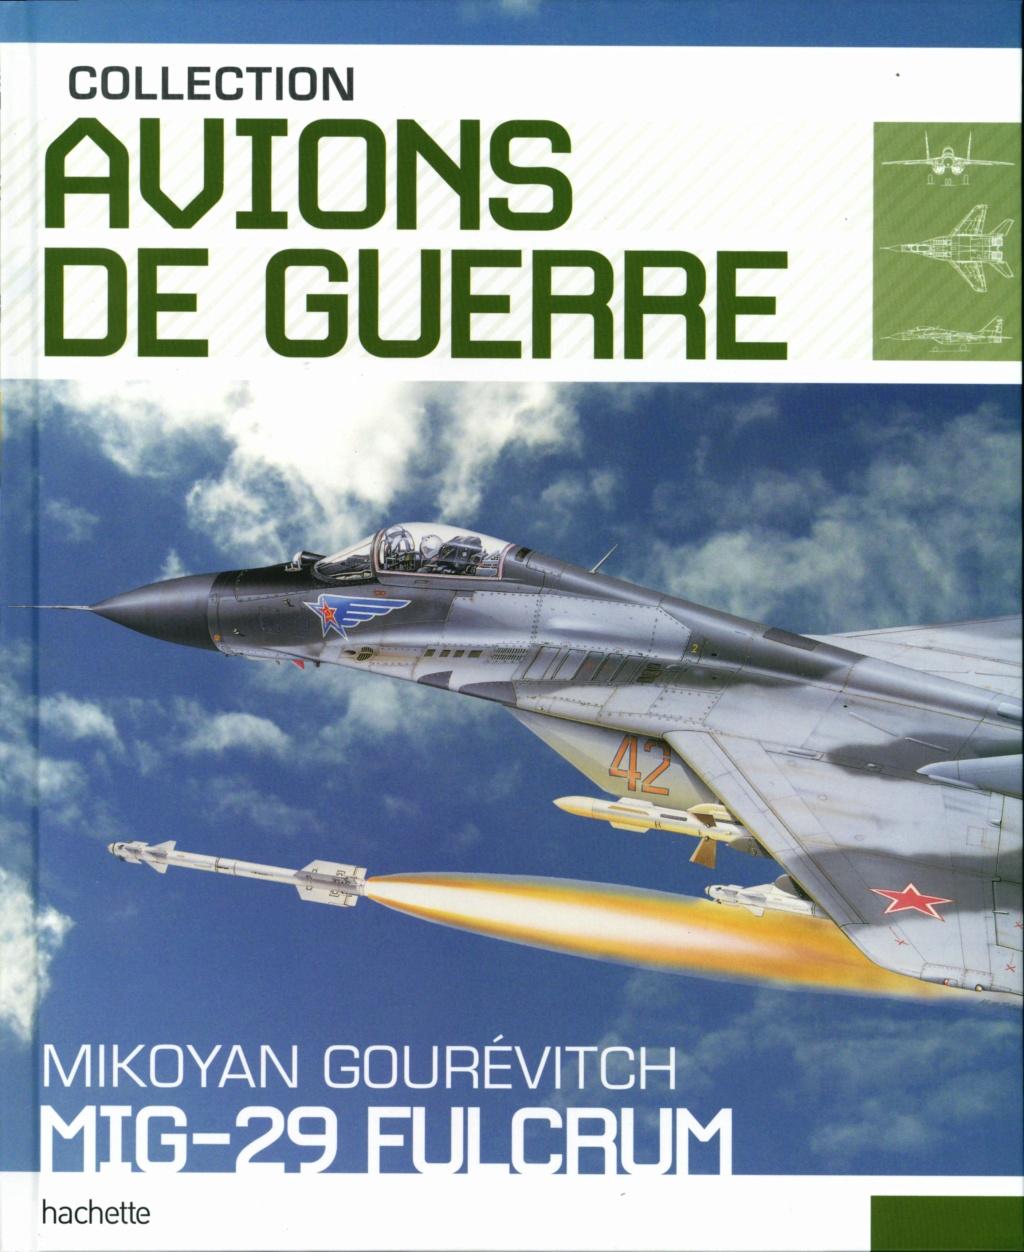 Nouvelle collection en kiosques: Avions de guerre - Page 2 M4263-35